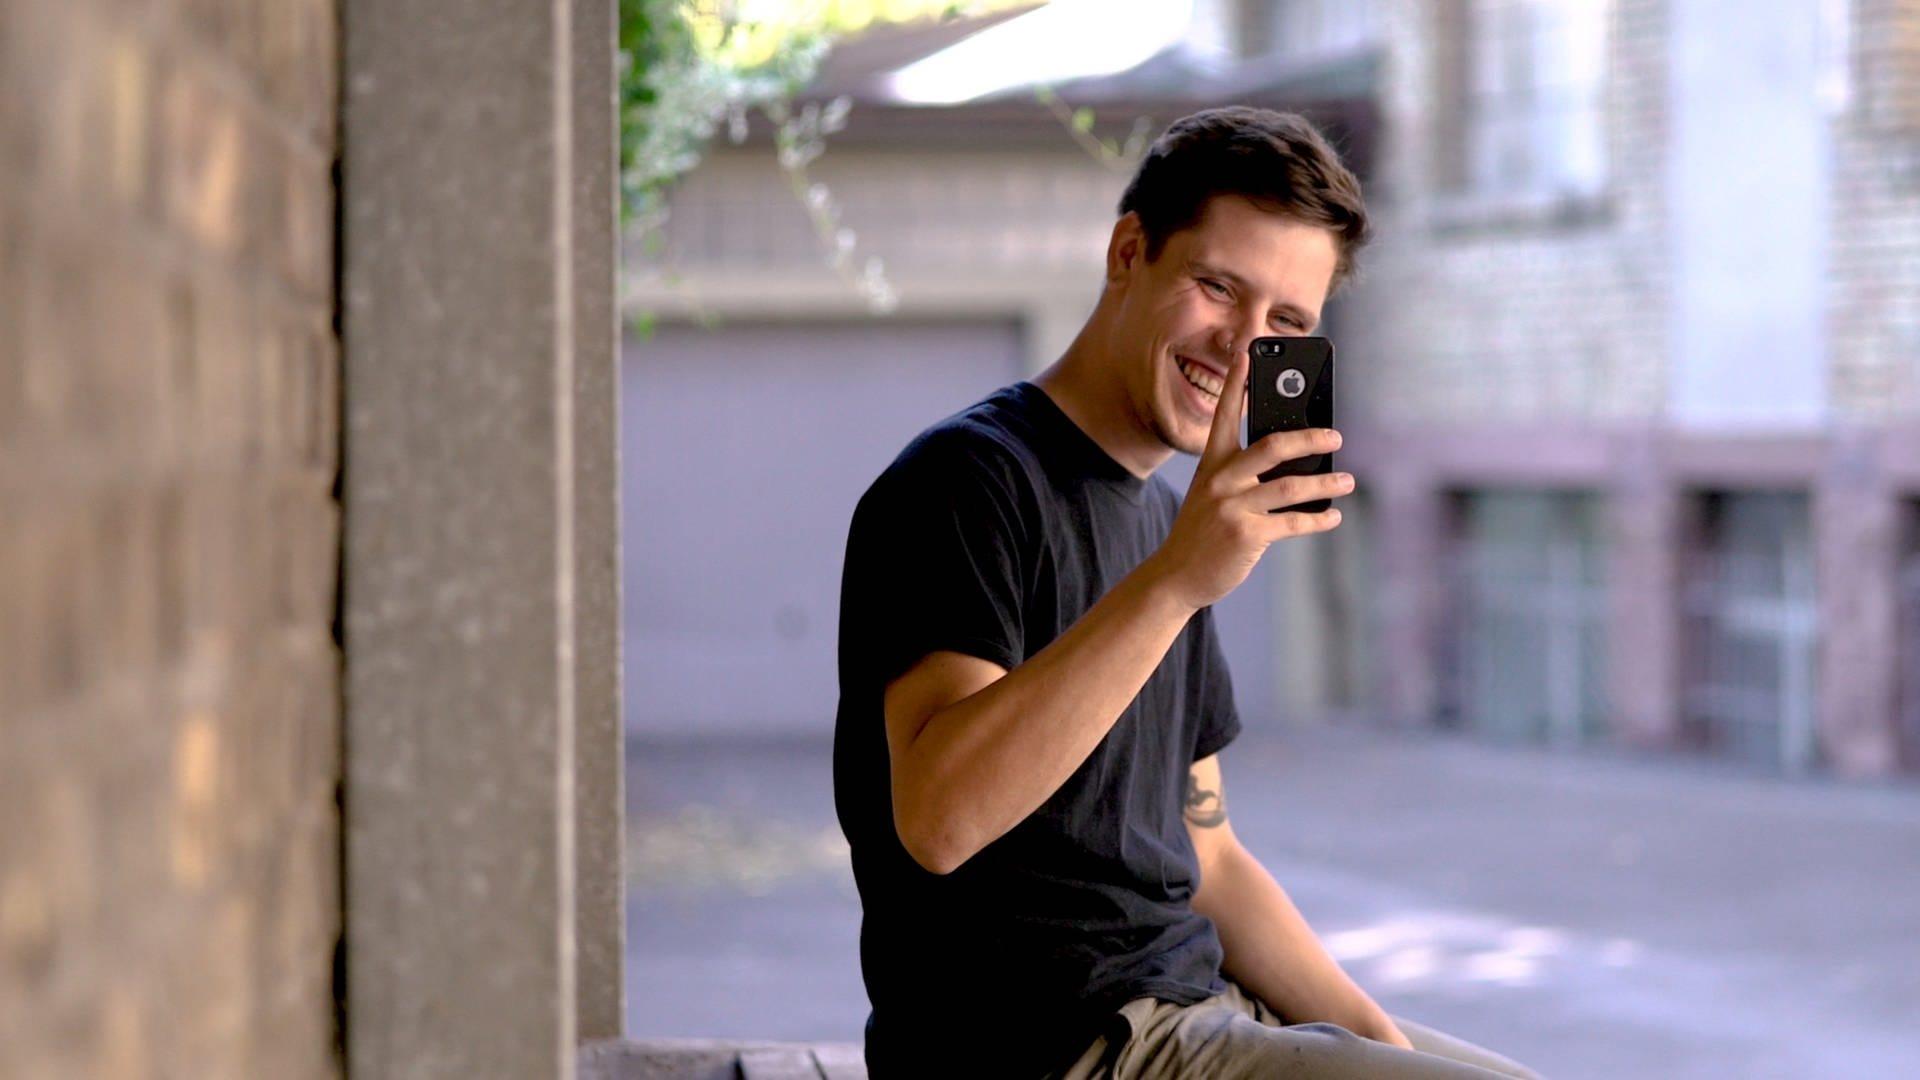 Tomasz lacht und fotografiert mit dem Handy den Kameramann